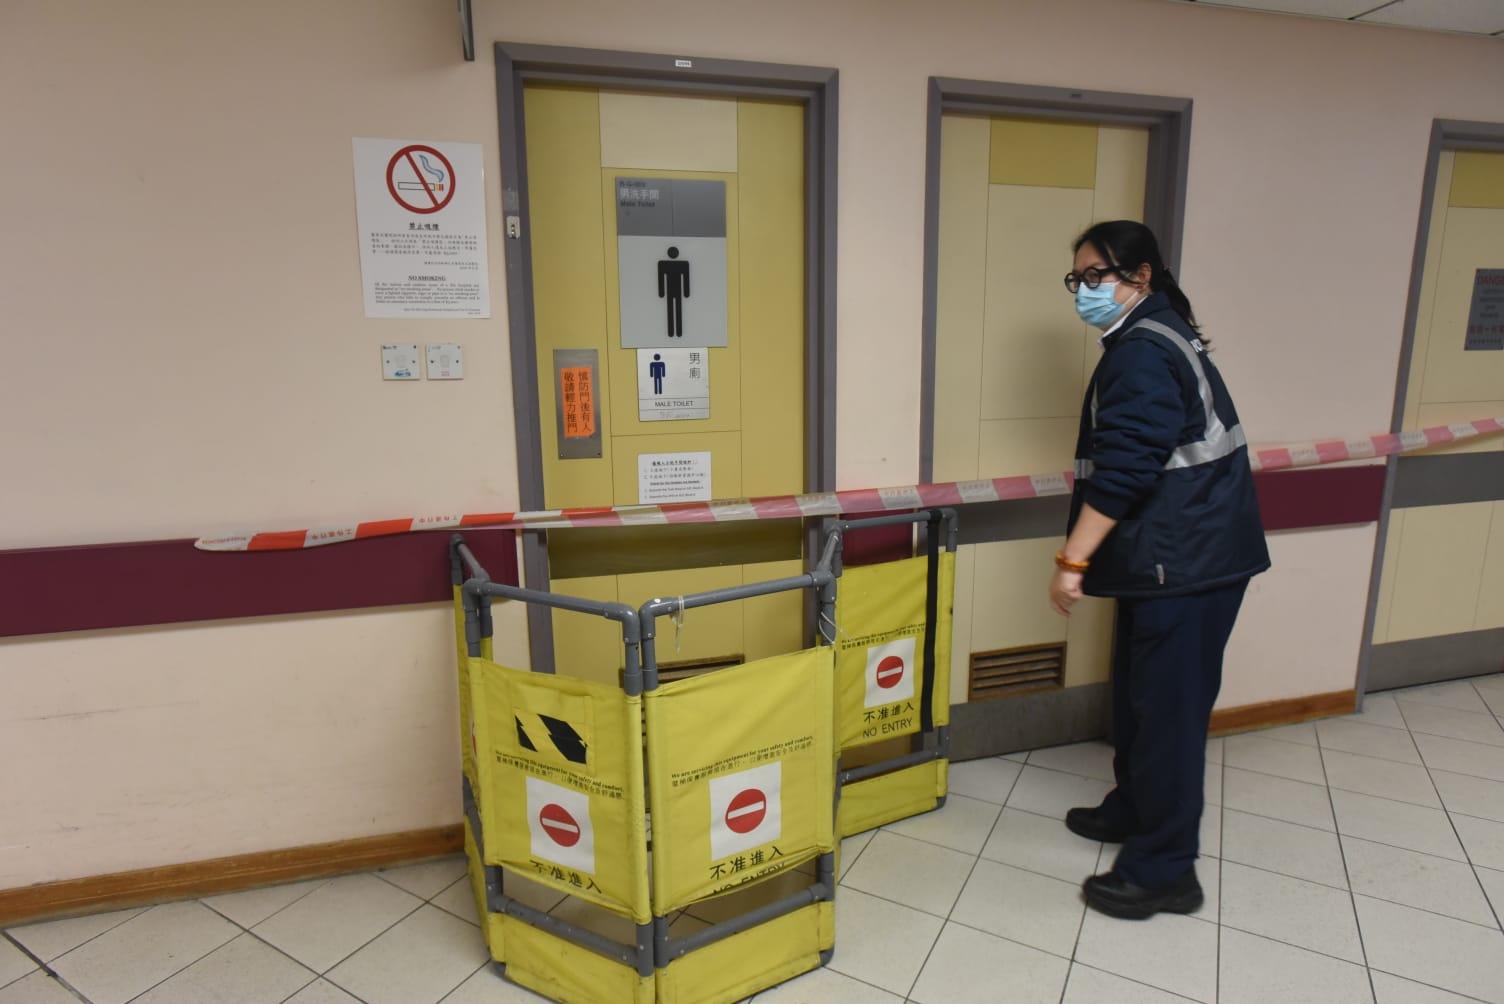 大埔那打素醫院有持刀男子出現。